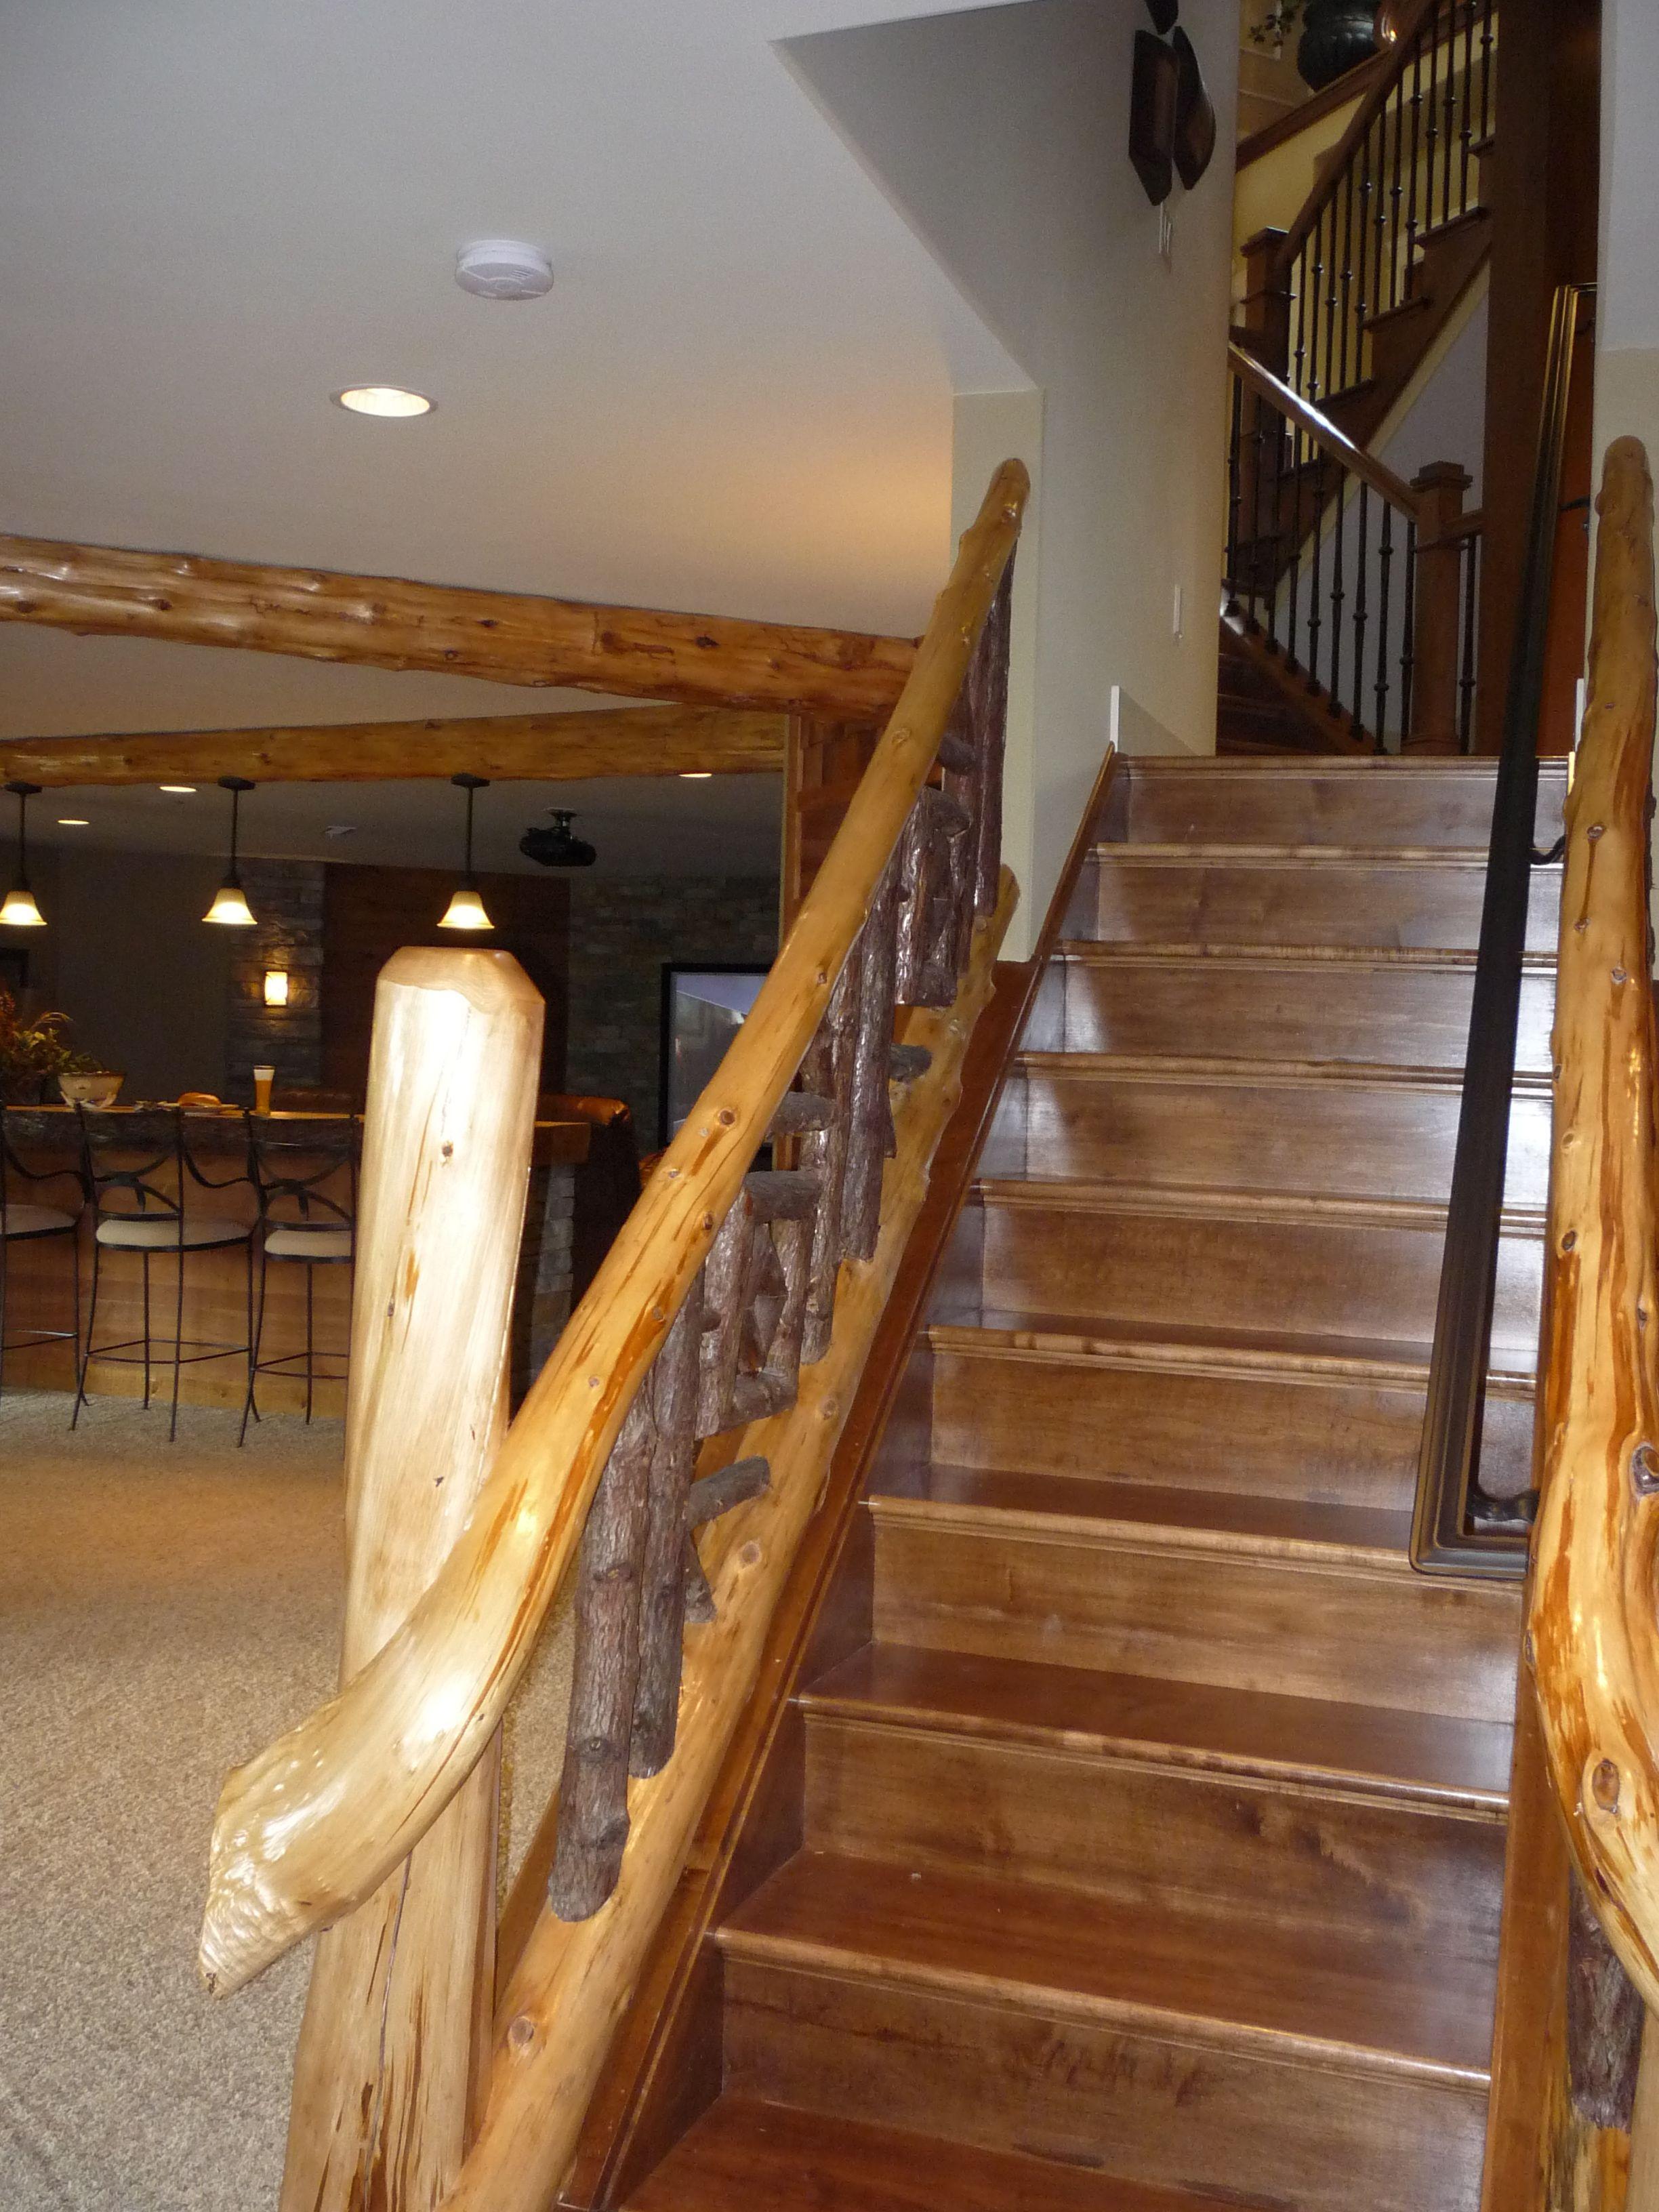 rustic railing | Cozy cabin, Home, Home decor